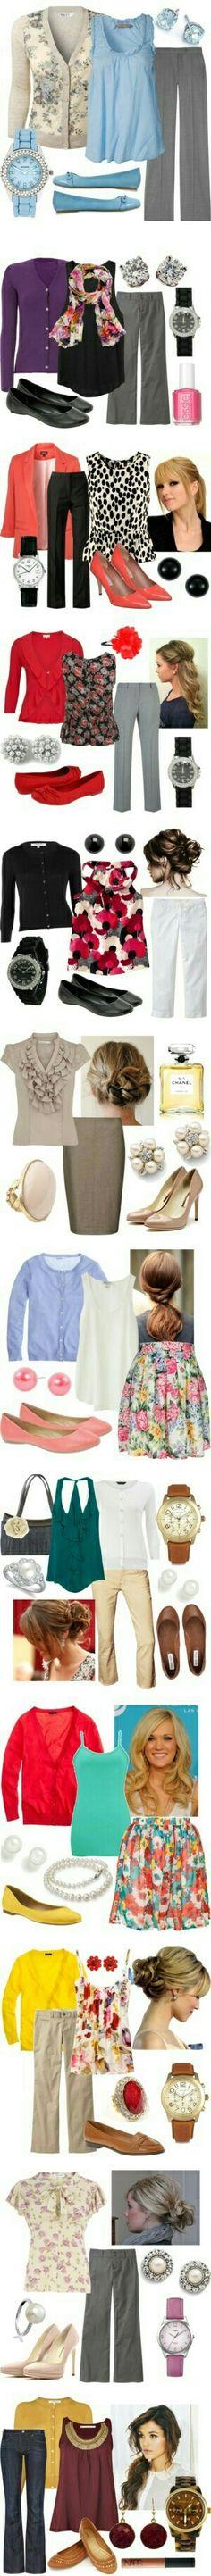 """⌚...Varias ideas para combinar chicas...  No se trata de tener mucha ropa, ni la más cara... """"SE TRATA DE TENER LO BASICO y HACER MUCHAS... MUCHAS CONBINACIONES""""... ese es el verdadero secreto de vestir bien y verse mejor"""